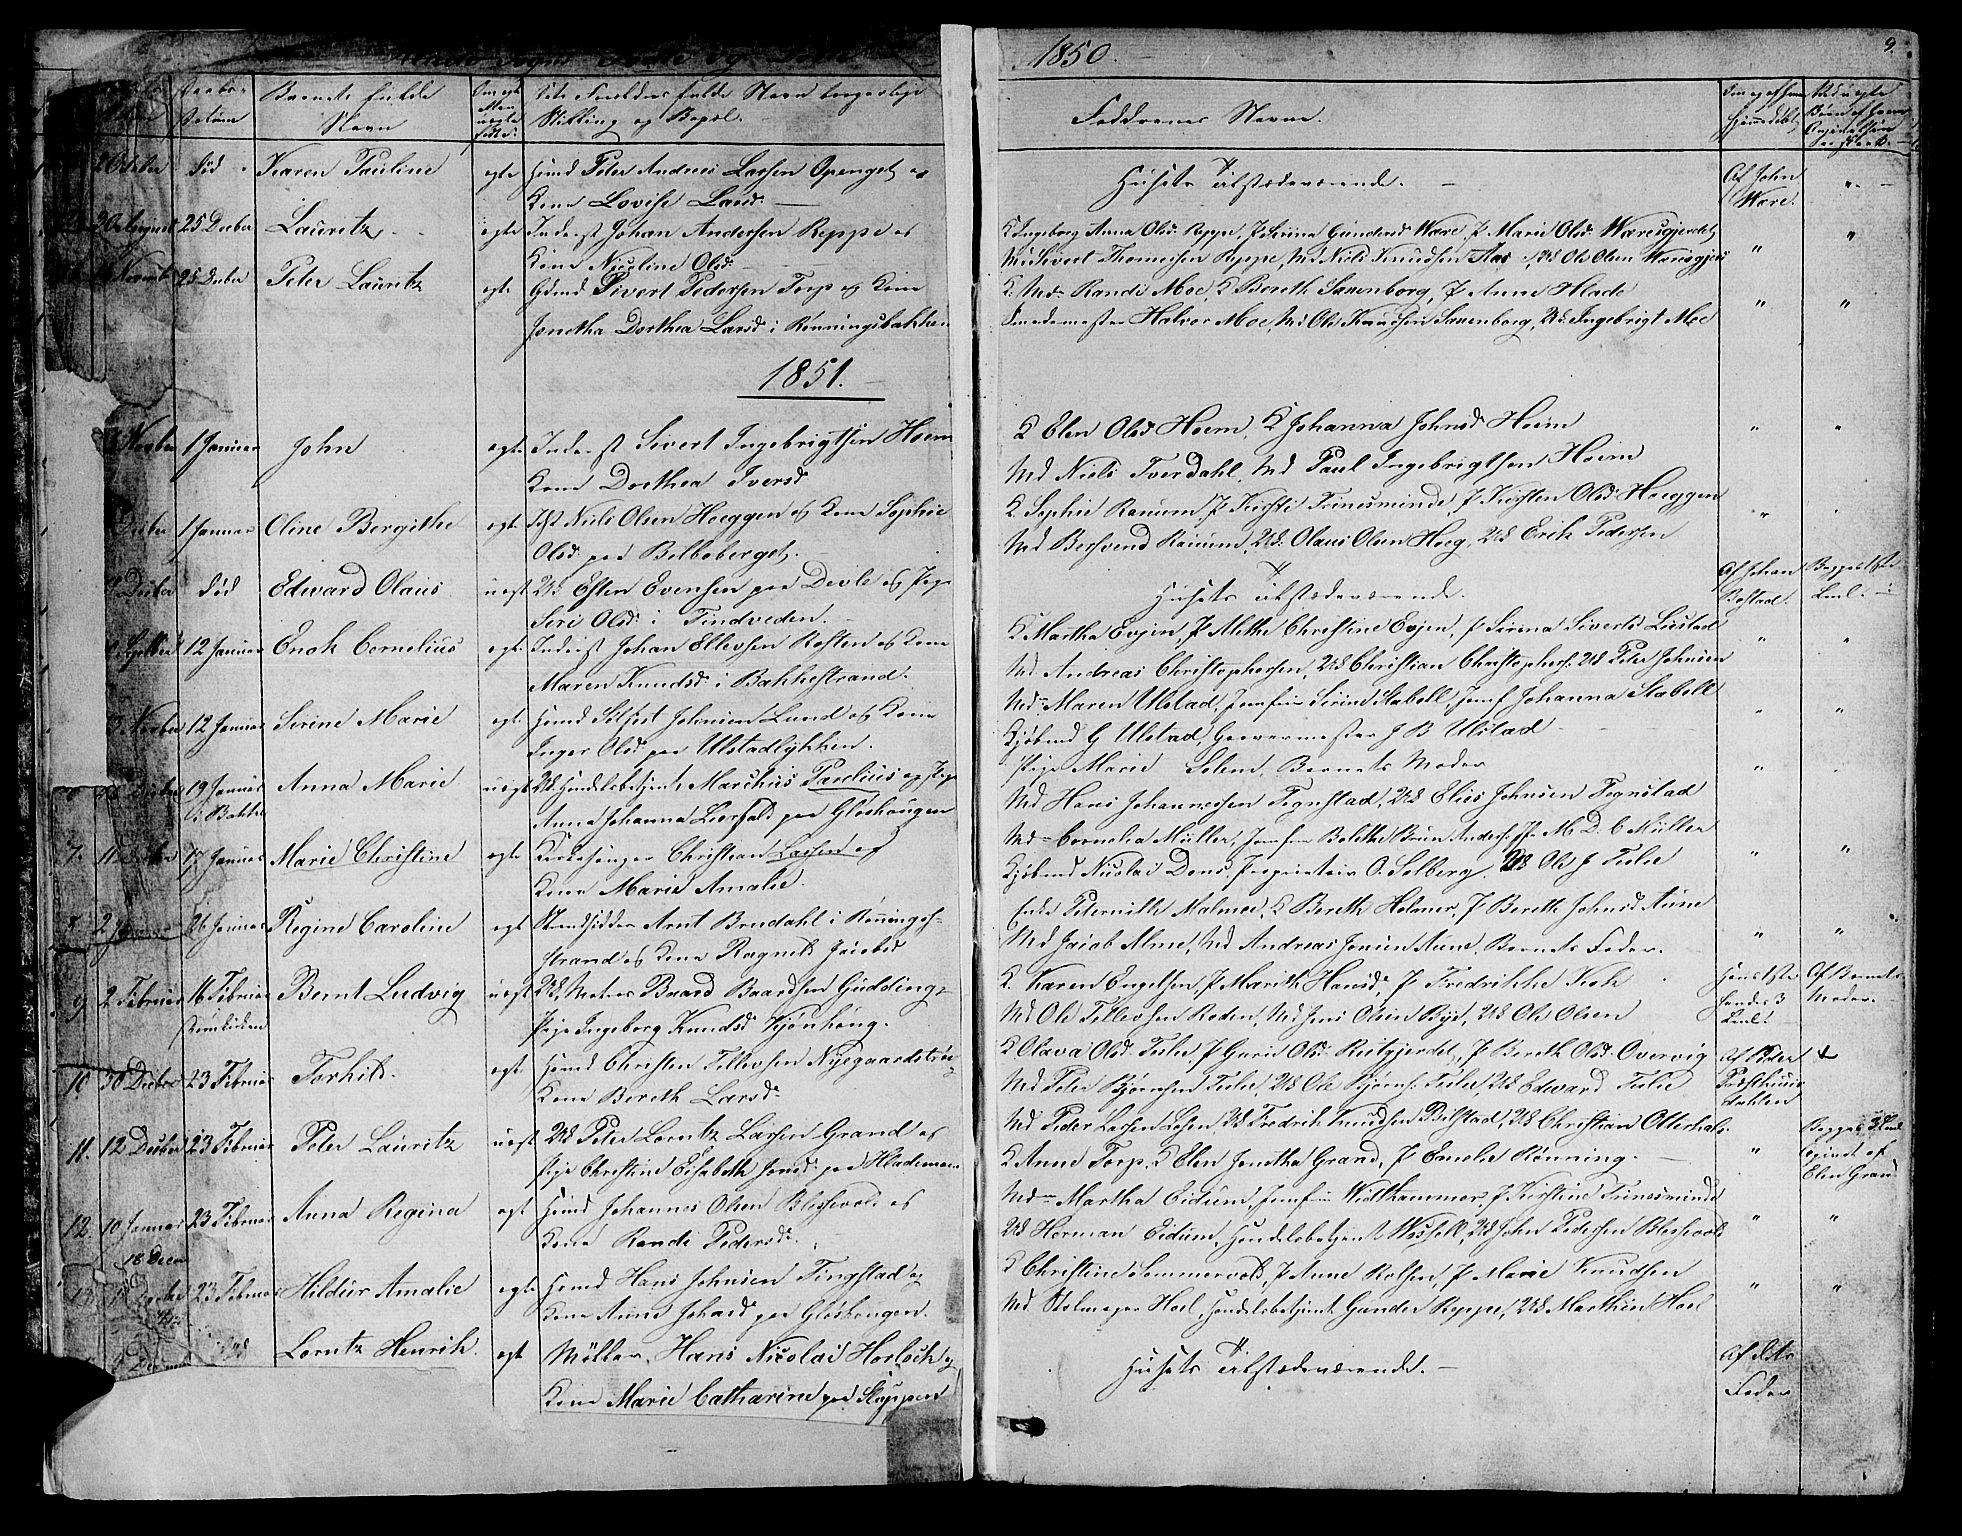 SAT, Ministerialprotokoller, klokkerbøker og fødselsregistre - Sør-Trøndelag, 606/L0310: Klokkerbok nr. 606C06, 1850-1859, s. 9